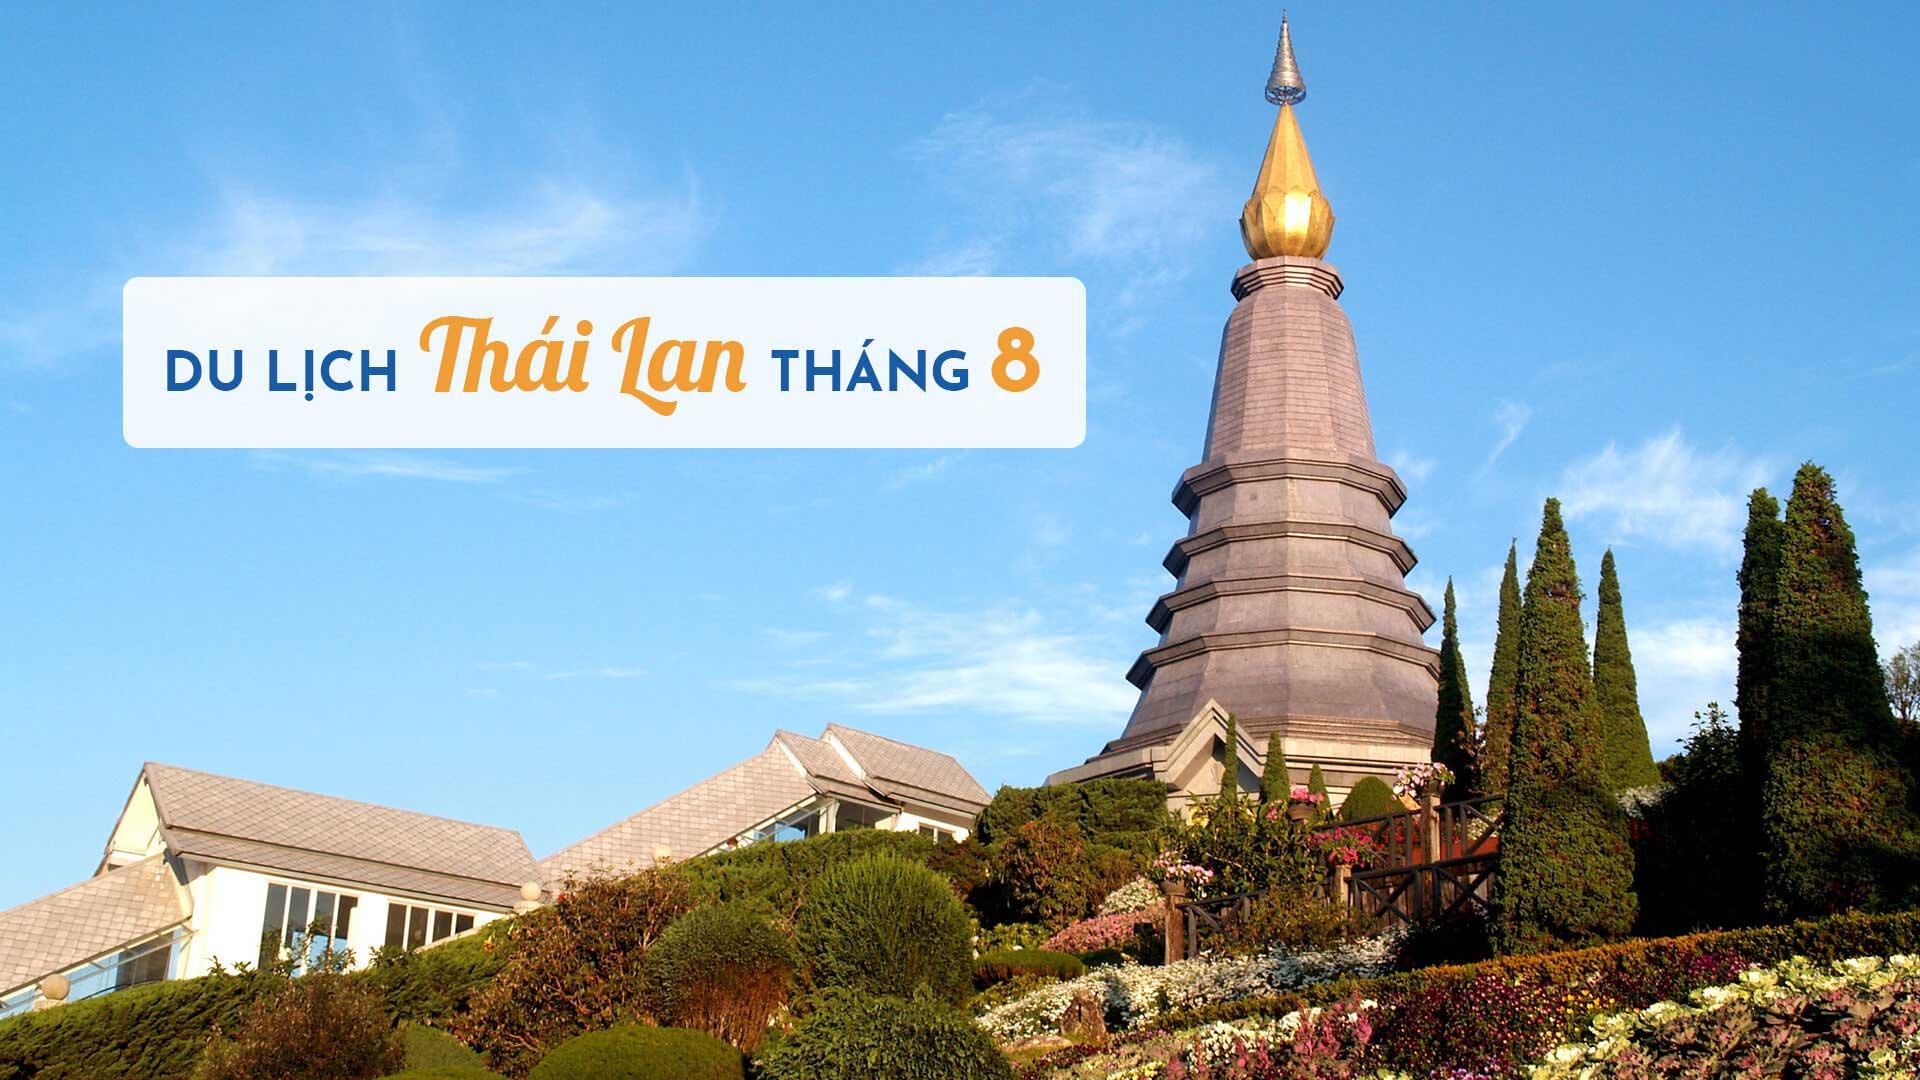 Kinh nghiệm đi tour du lịch Thái Lan tháng 8 từ A -Z